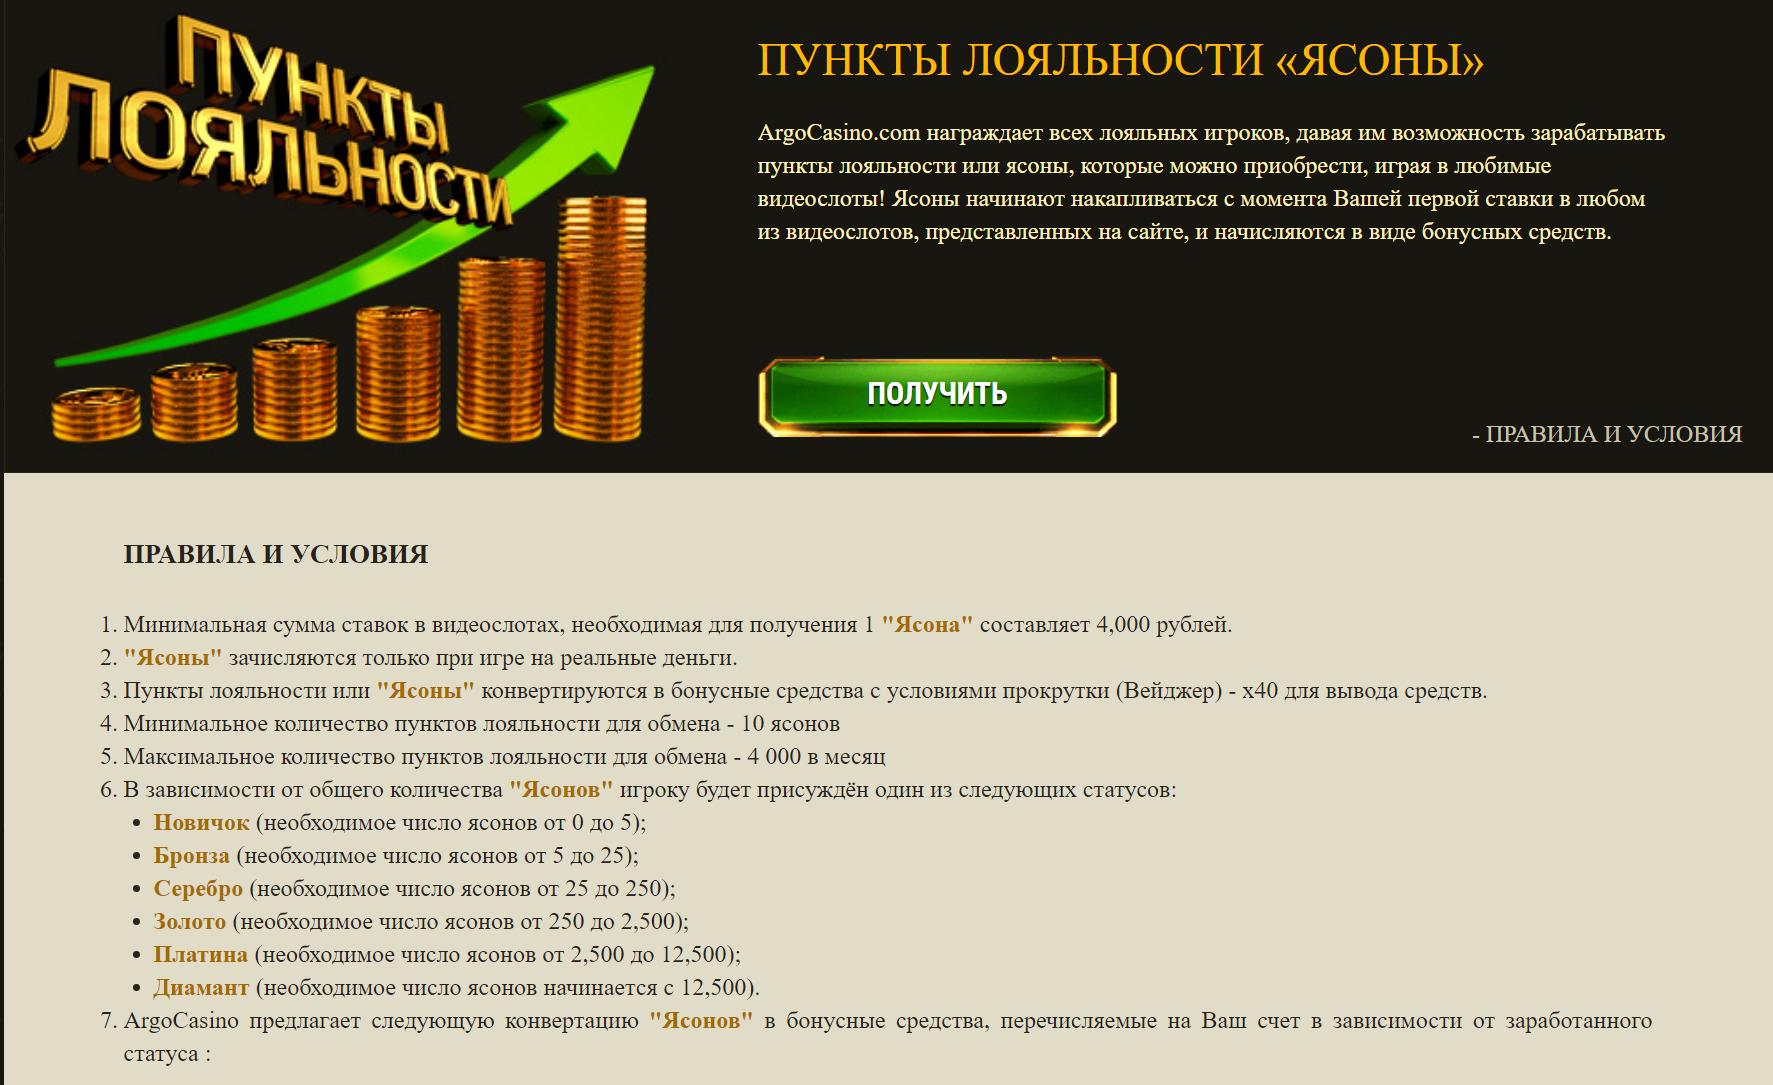 официальный сайт арго казино промокод на активацию бонуса